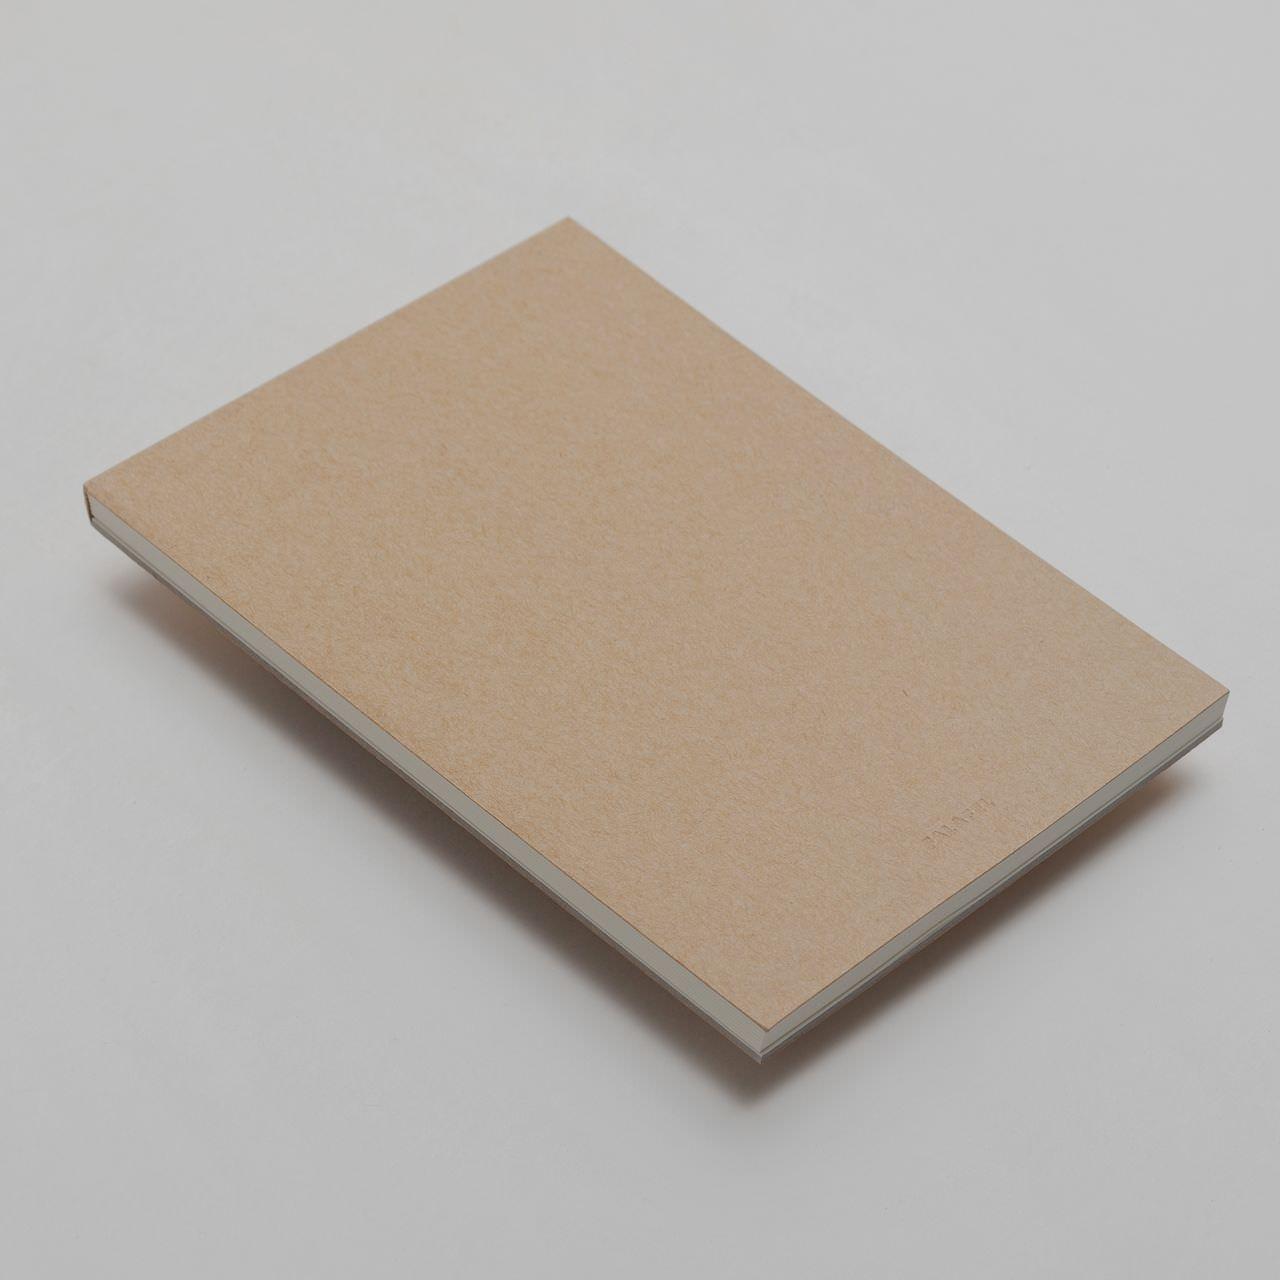 Блокнот FALAFEL BOOKS Sketchpad А5 Straw, Россия  - купить со скидкой